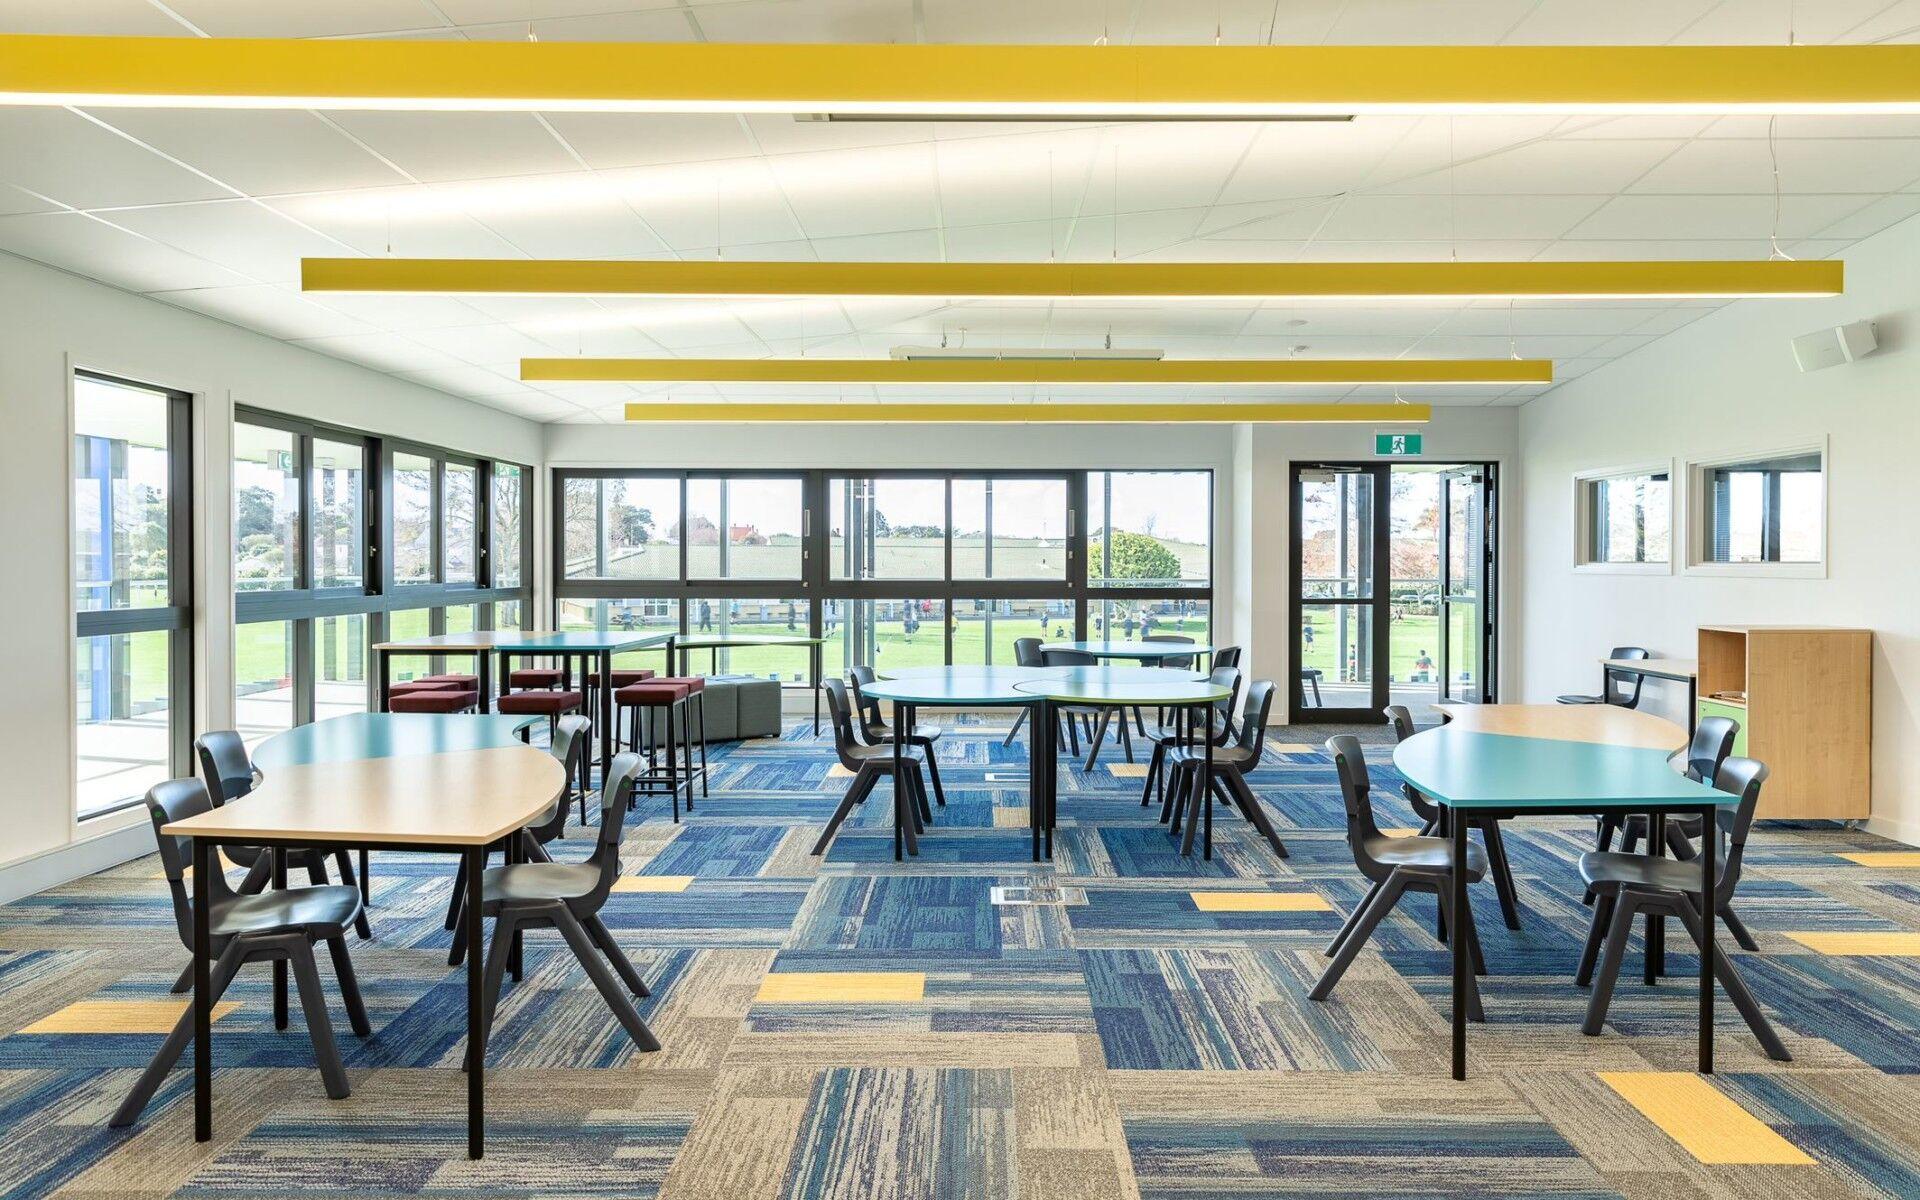 Dilworth sports centre multi purpose room